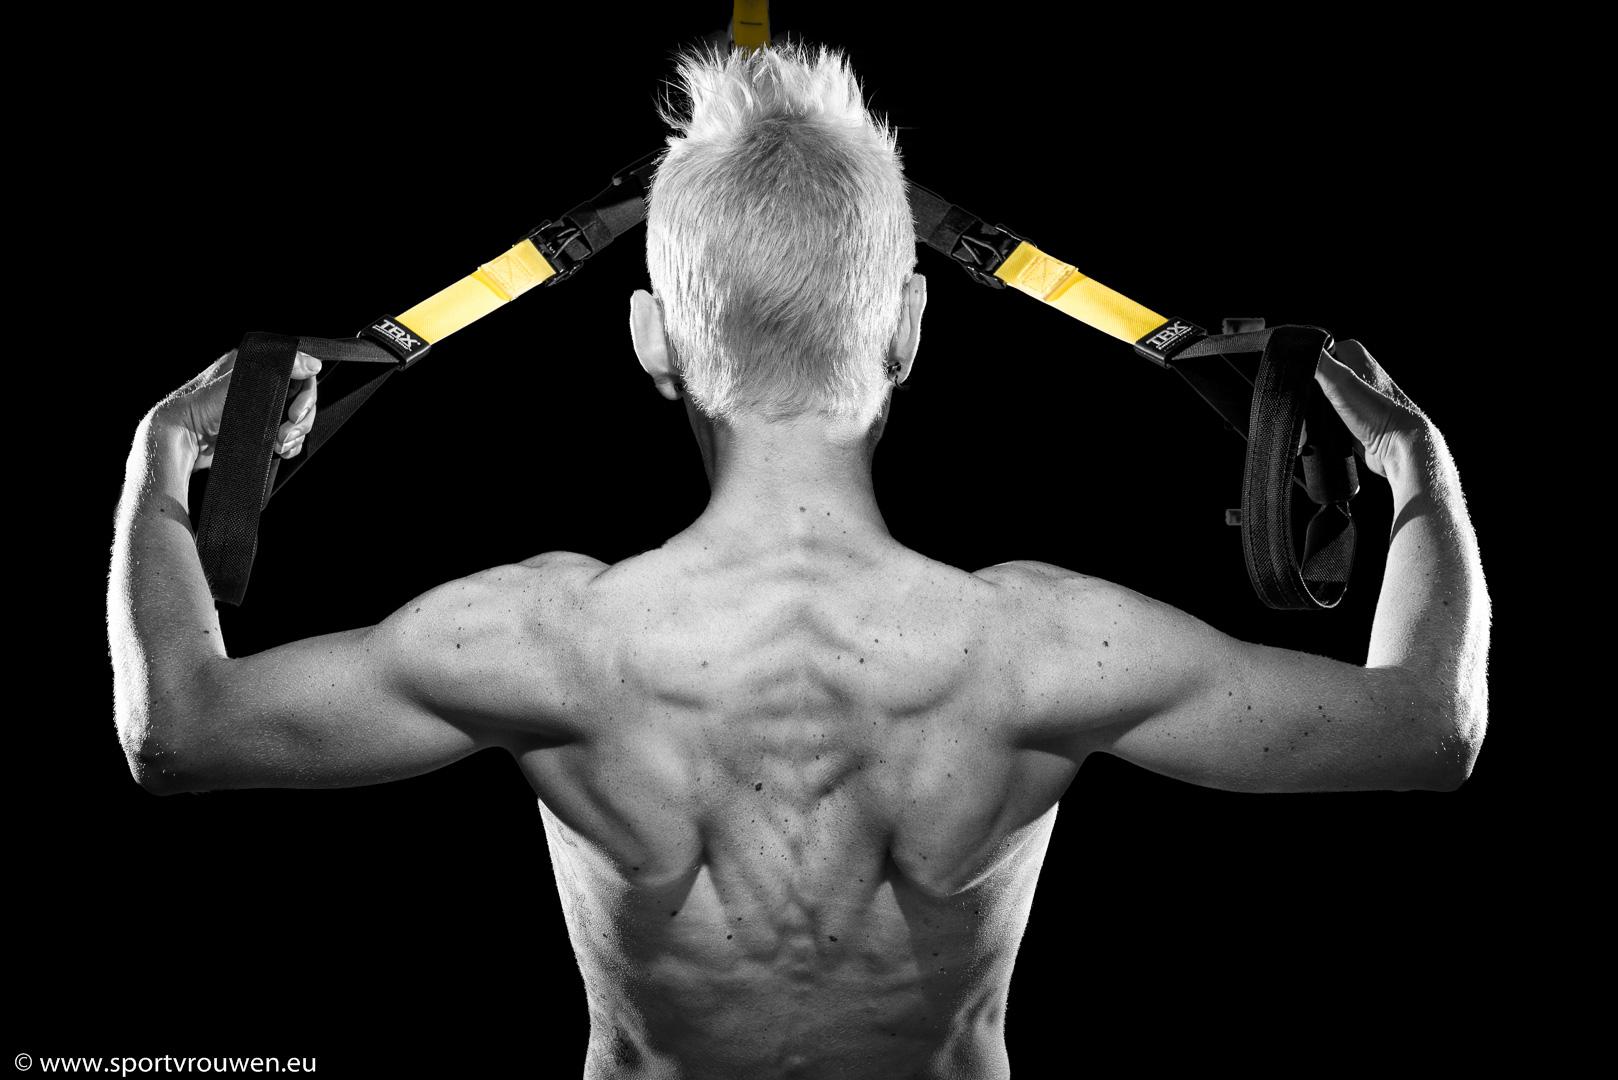 Sportvrouwen : Fitness